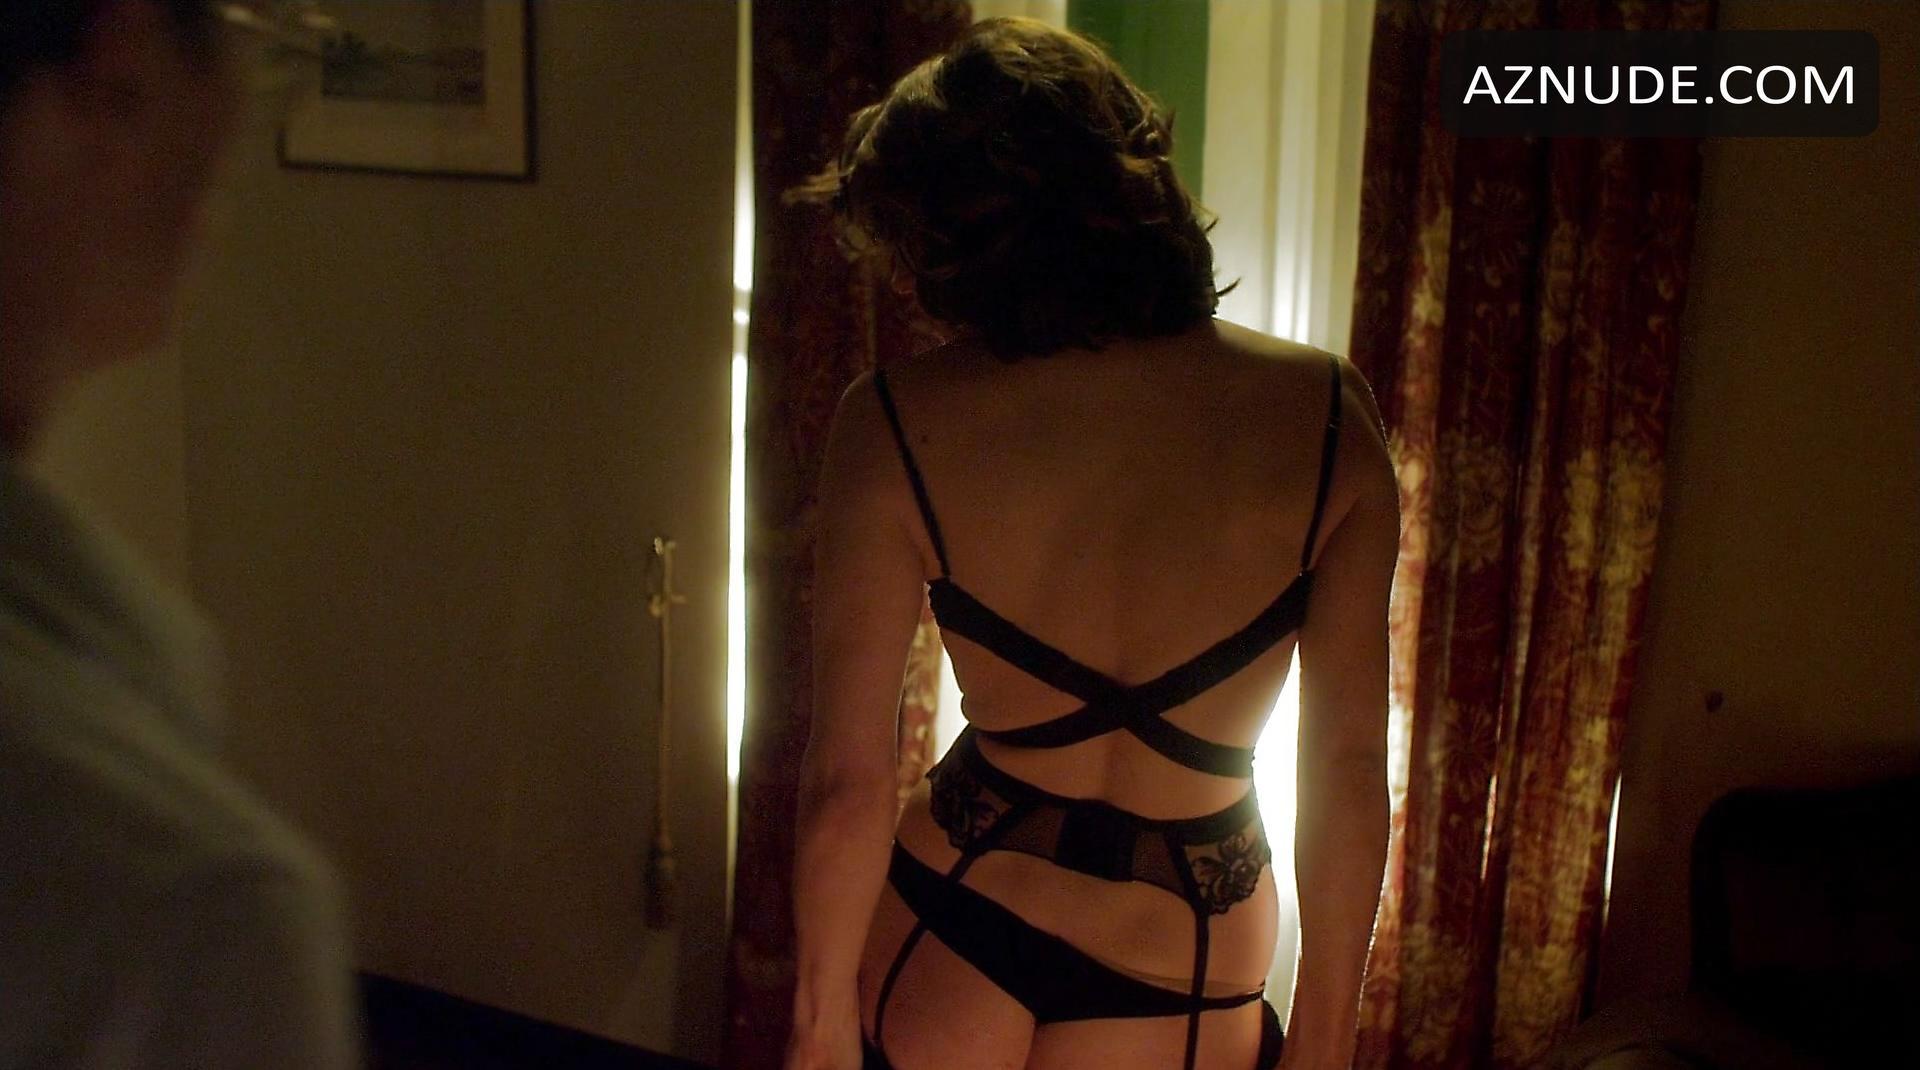 belen in nuda hot porno foto